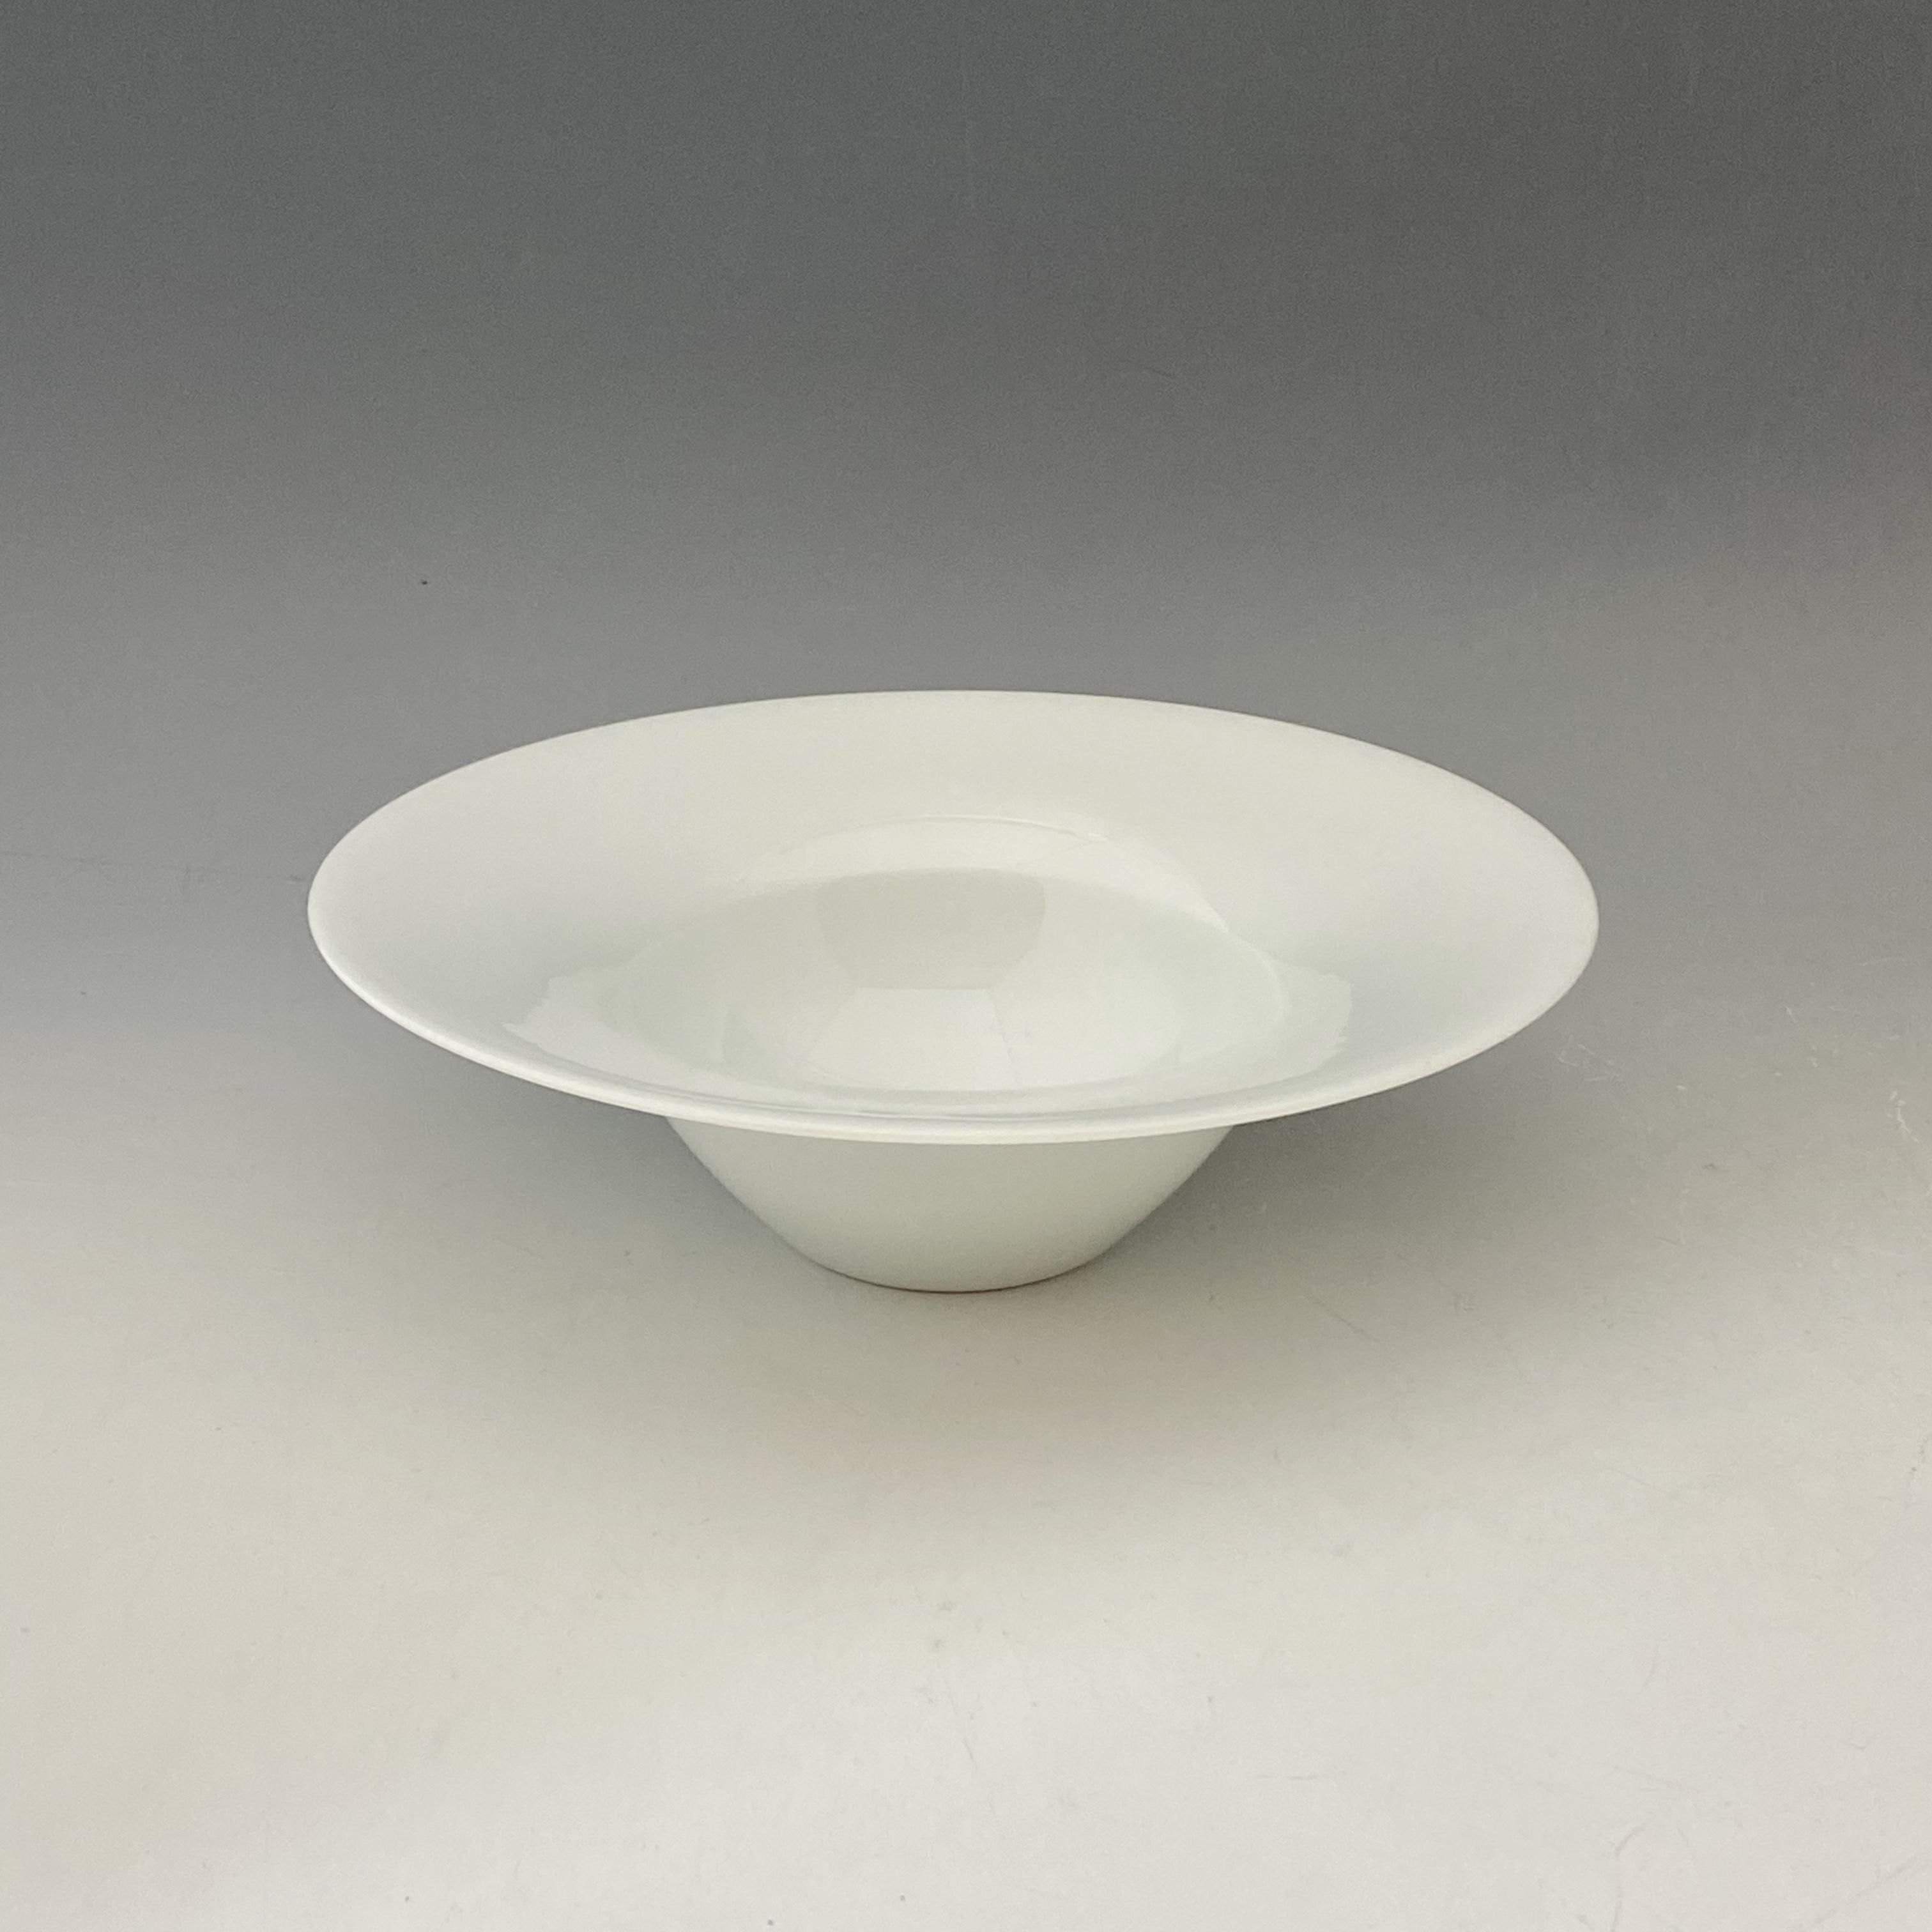 【中尾恭純】白磁スープ碗(大)